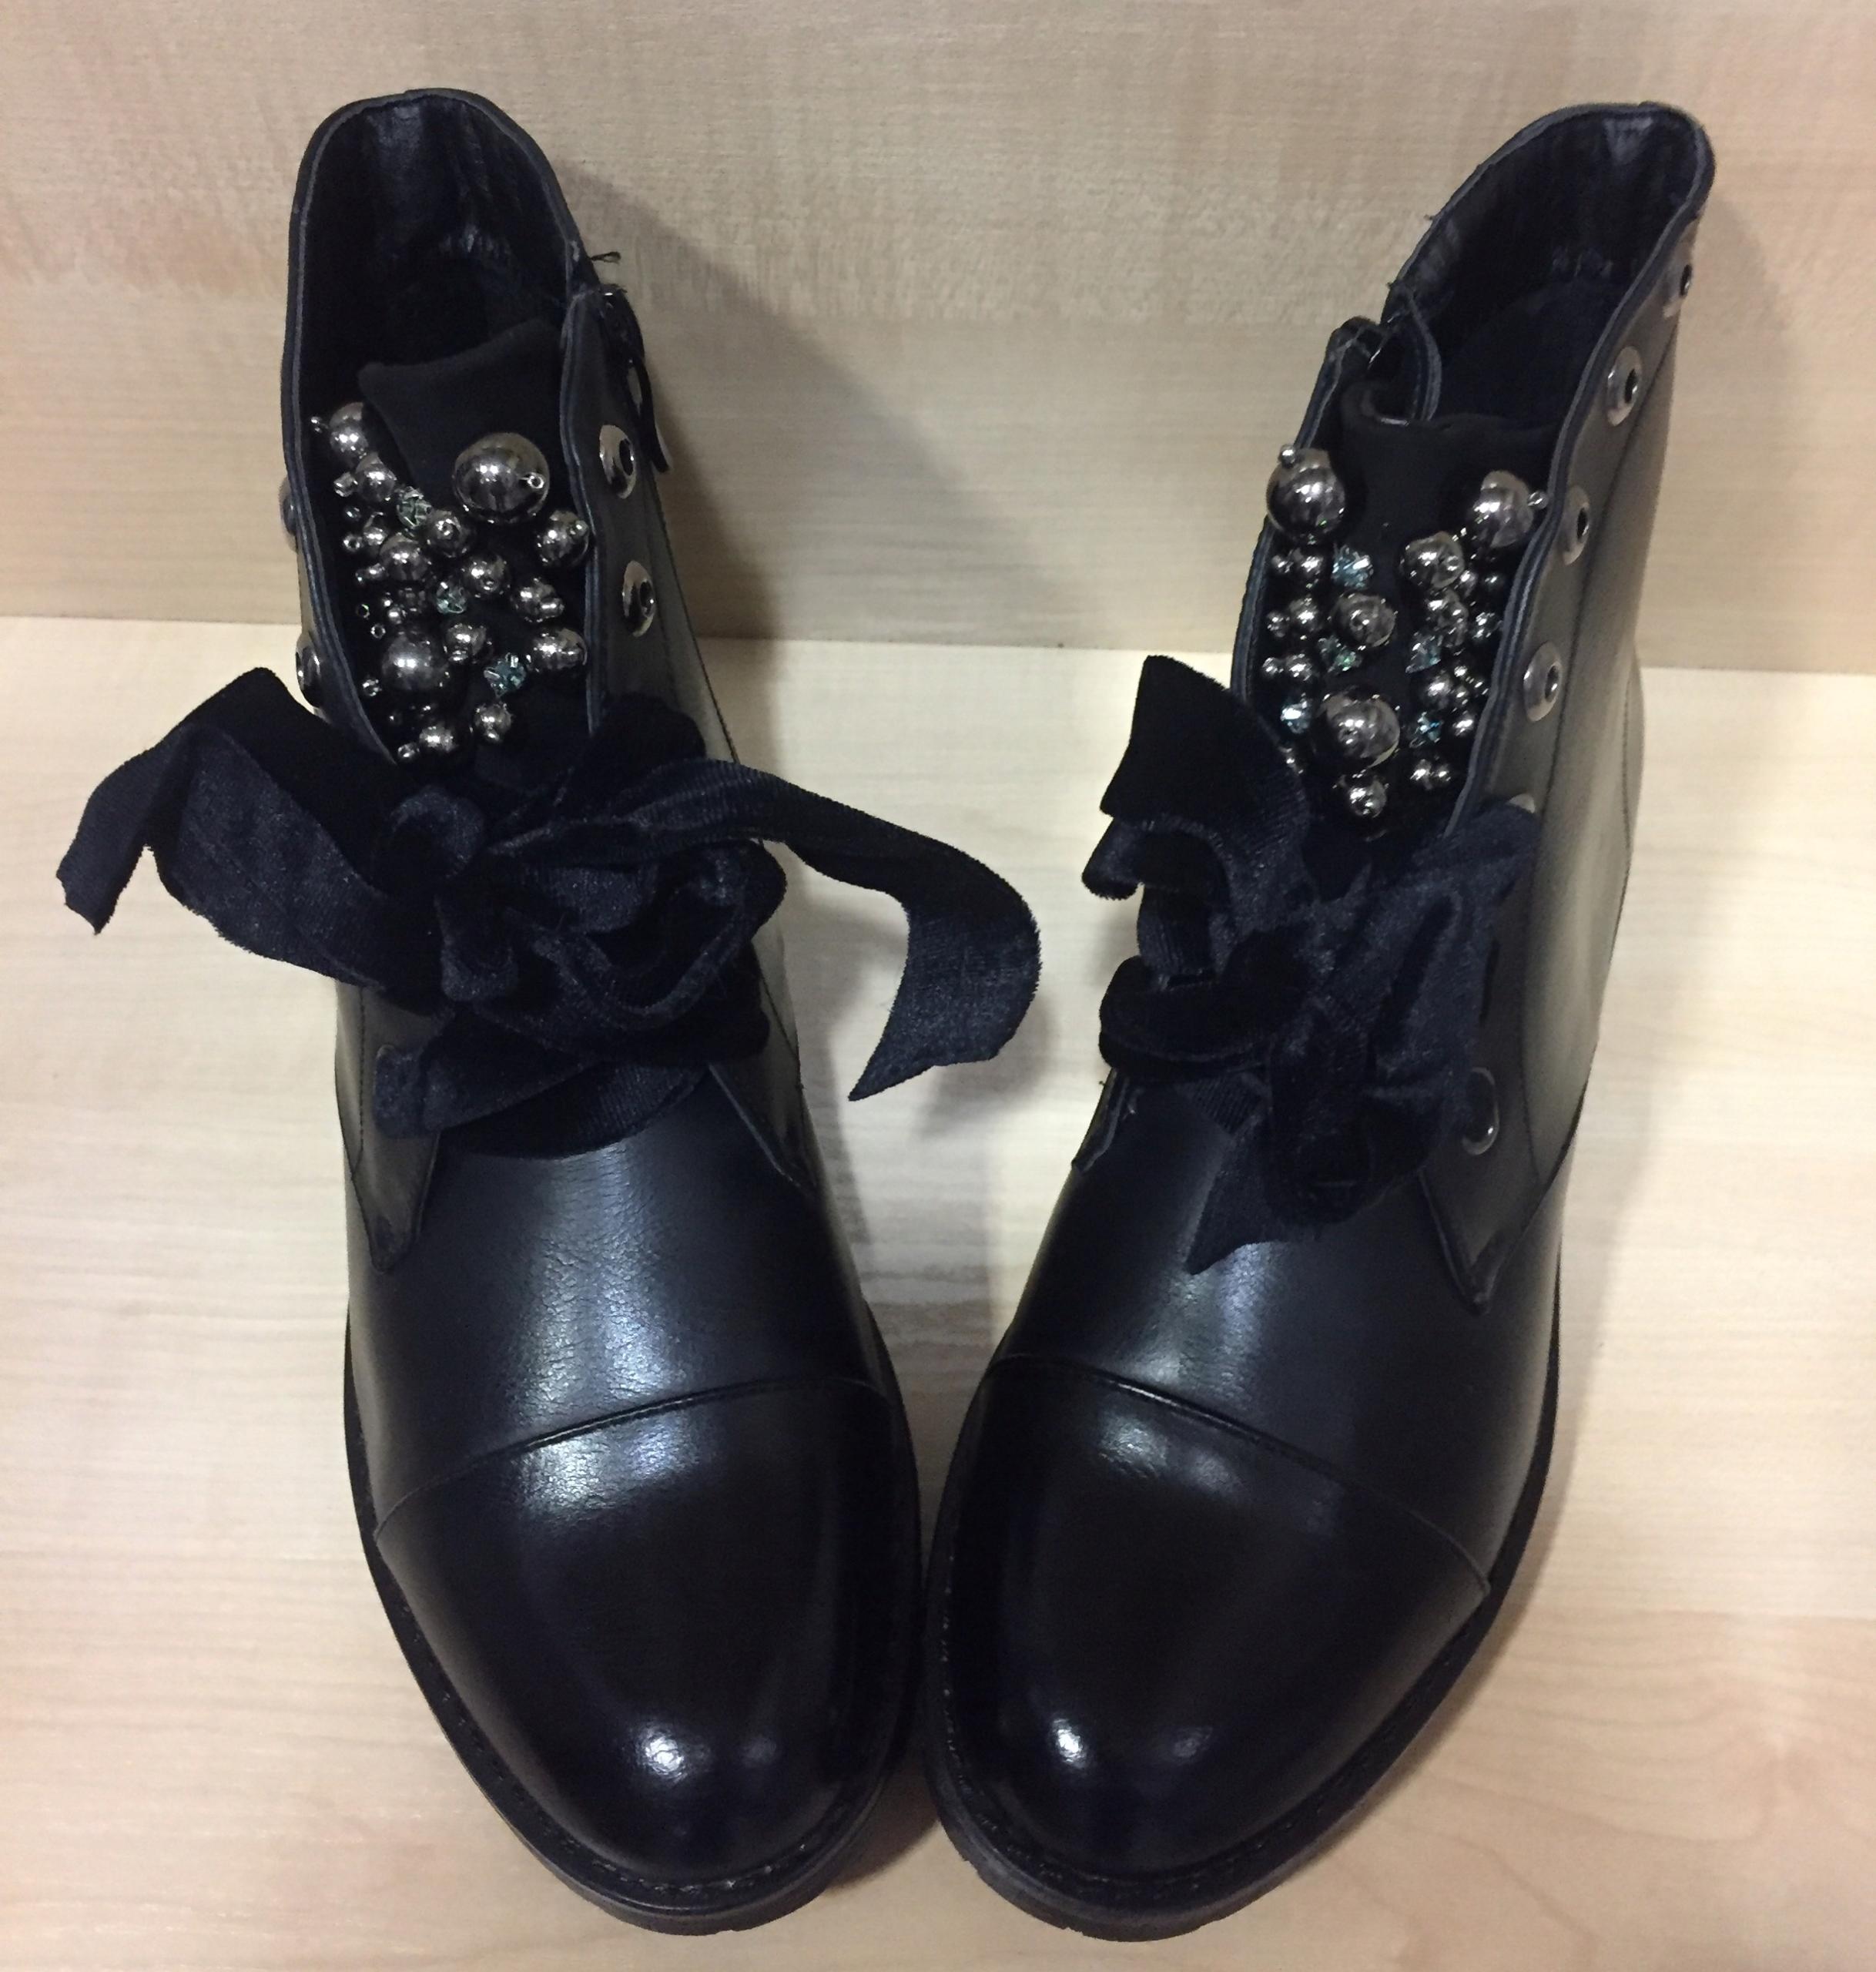 a2c8274dd67ea Luksusowe Botki czarne z perełkami zdobione 39 - 7640014885 ...